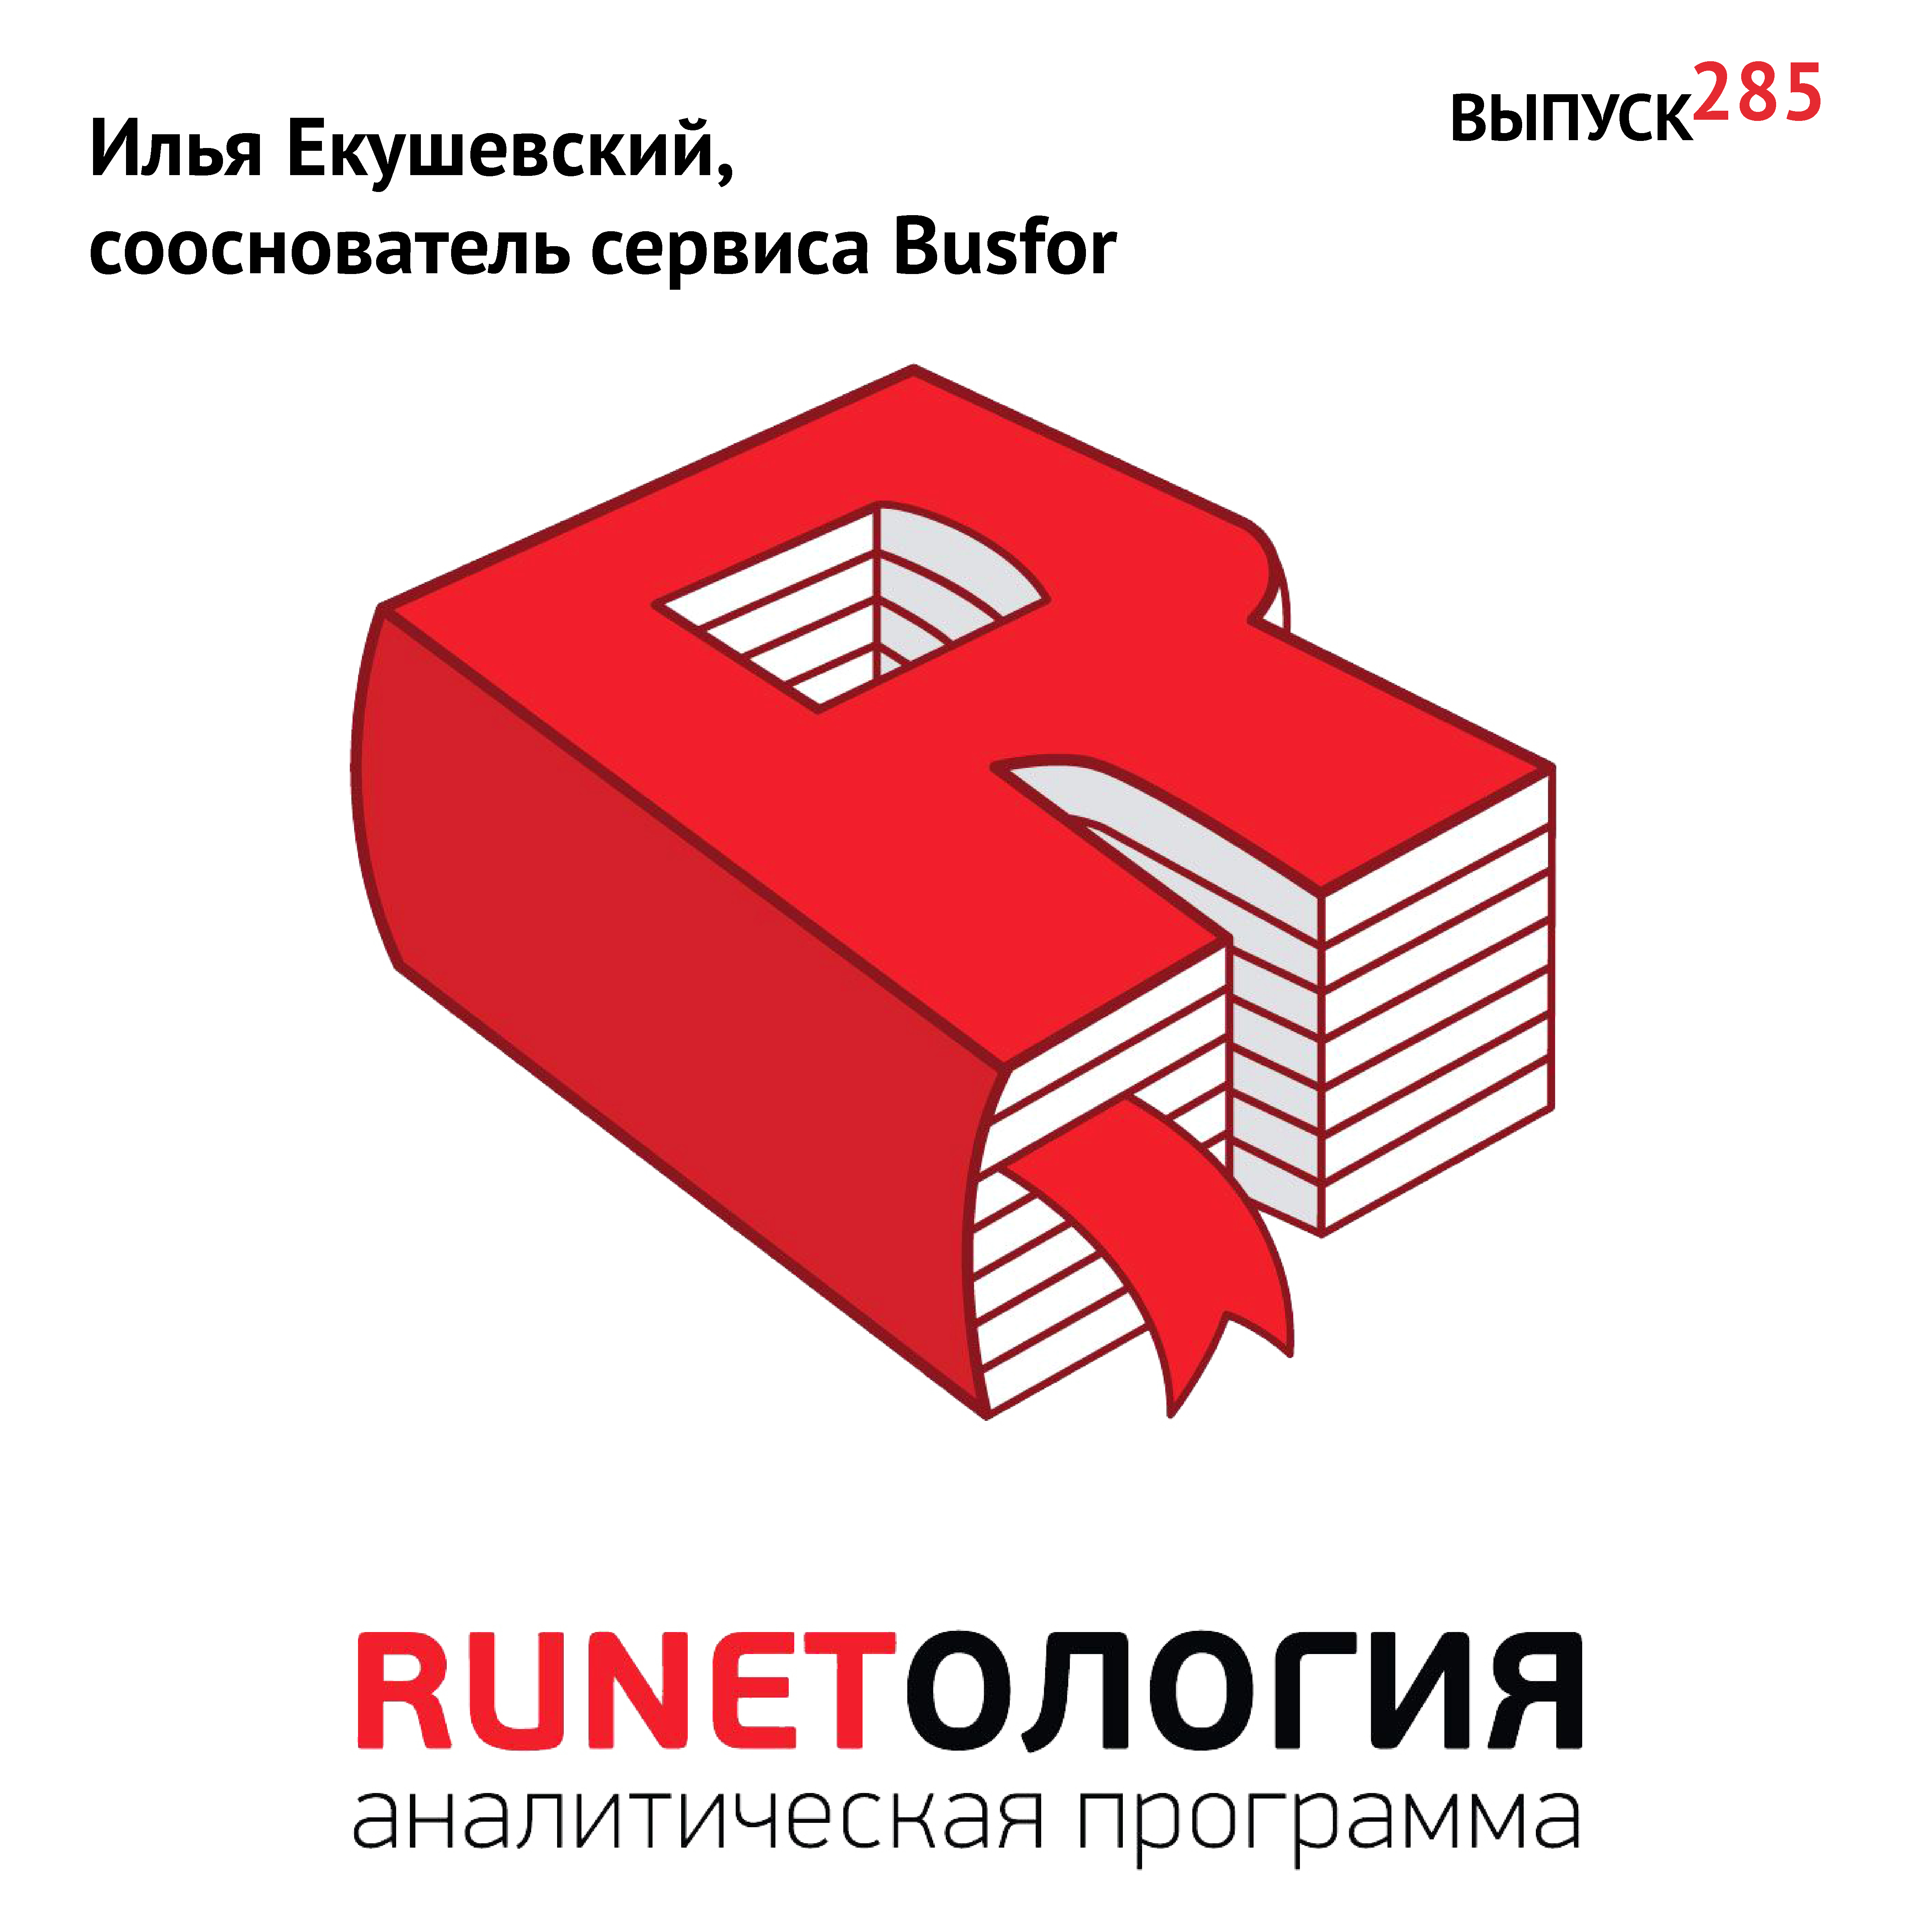 Максим Спиридонов Илья Екушевский, coоснователь сервиса Busfor